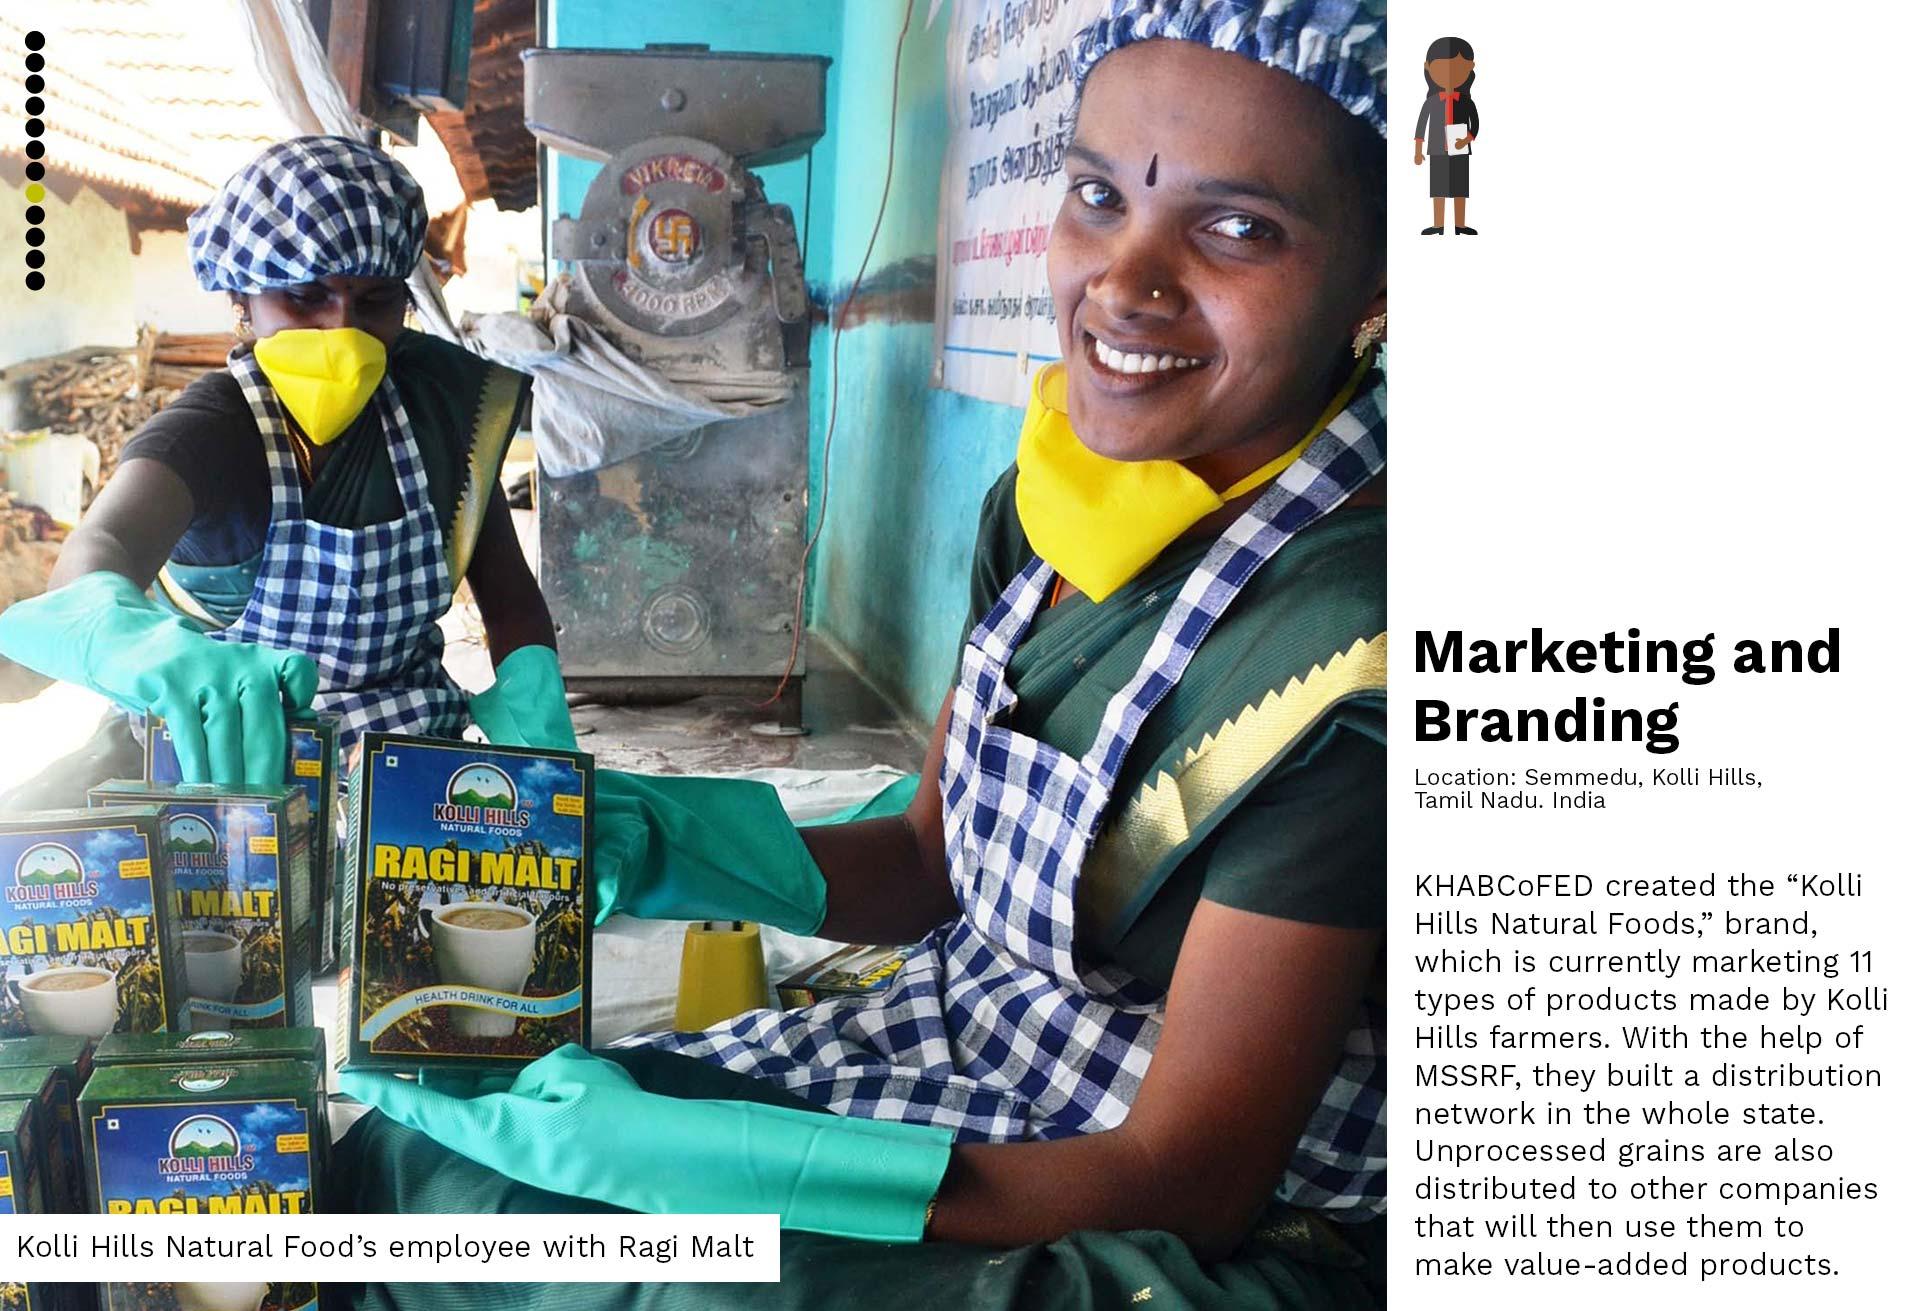 08-Marketing and Branding